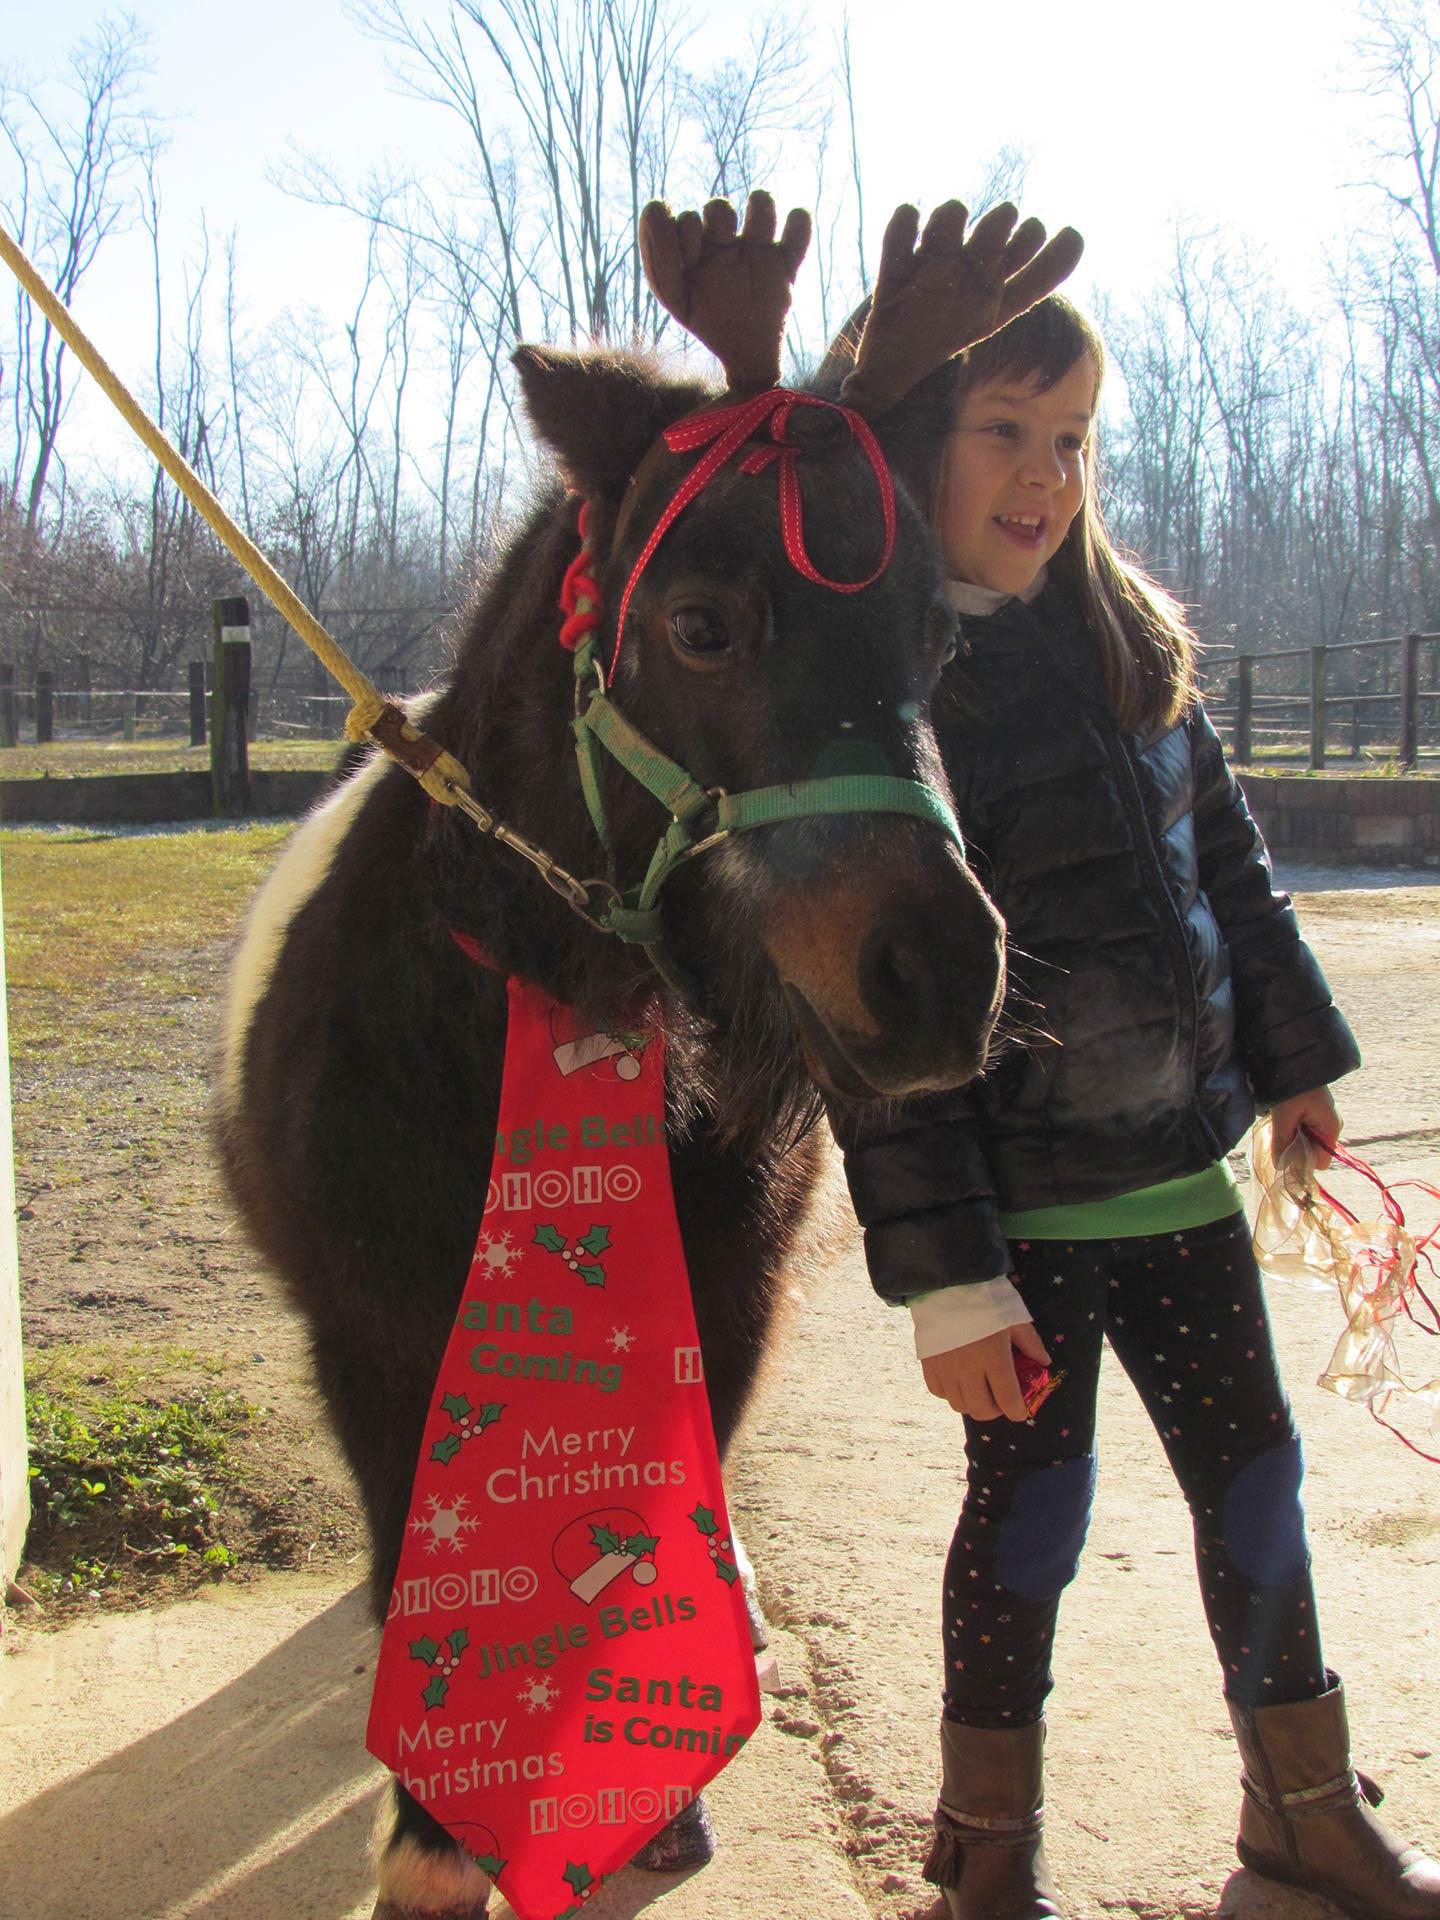 cavallo cammuffato da Renna vicino a una bambina